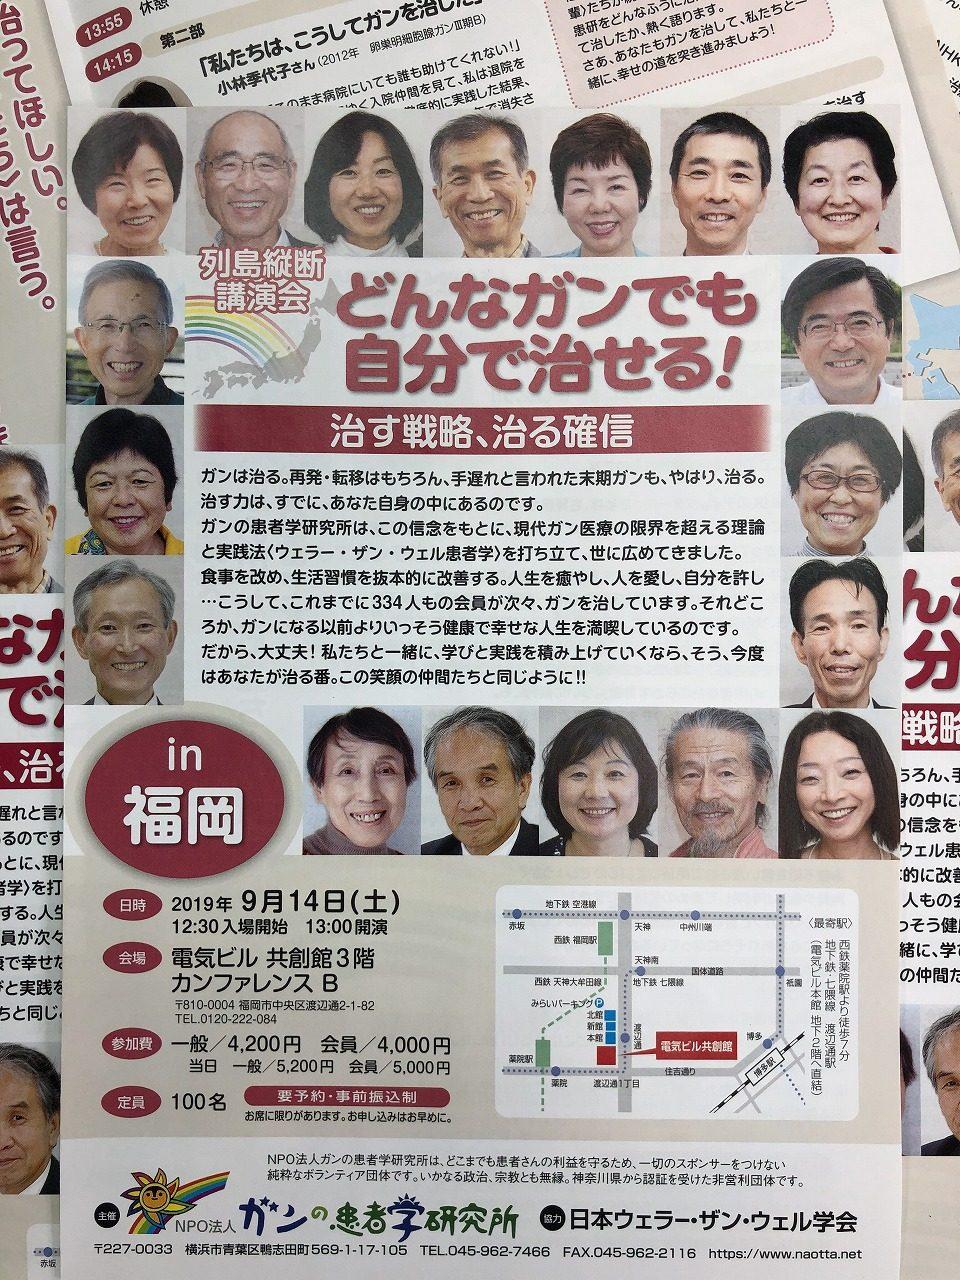 「どんなガンでも自分で治せる」治す戦略、治る確信in福岡